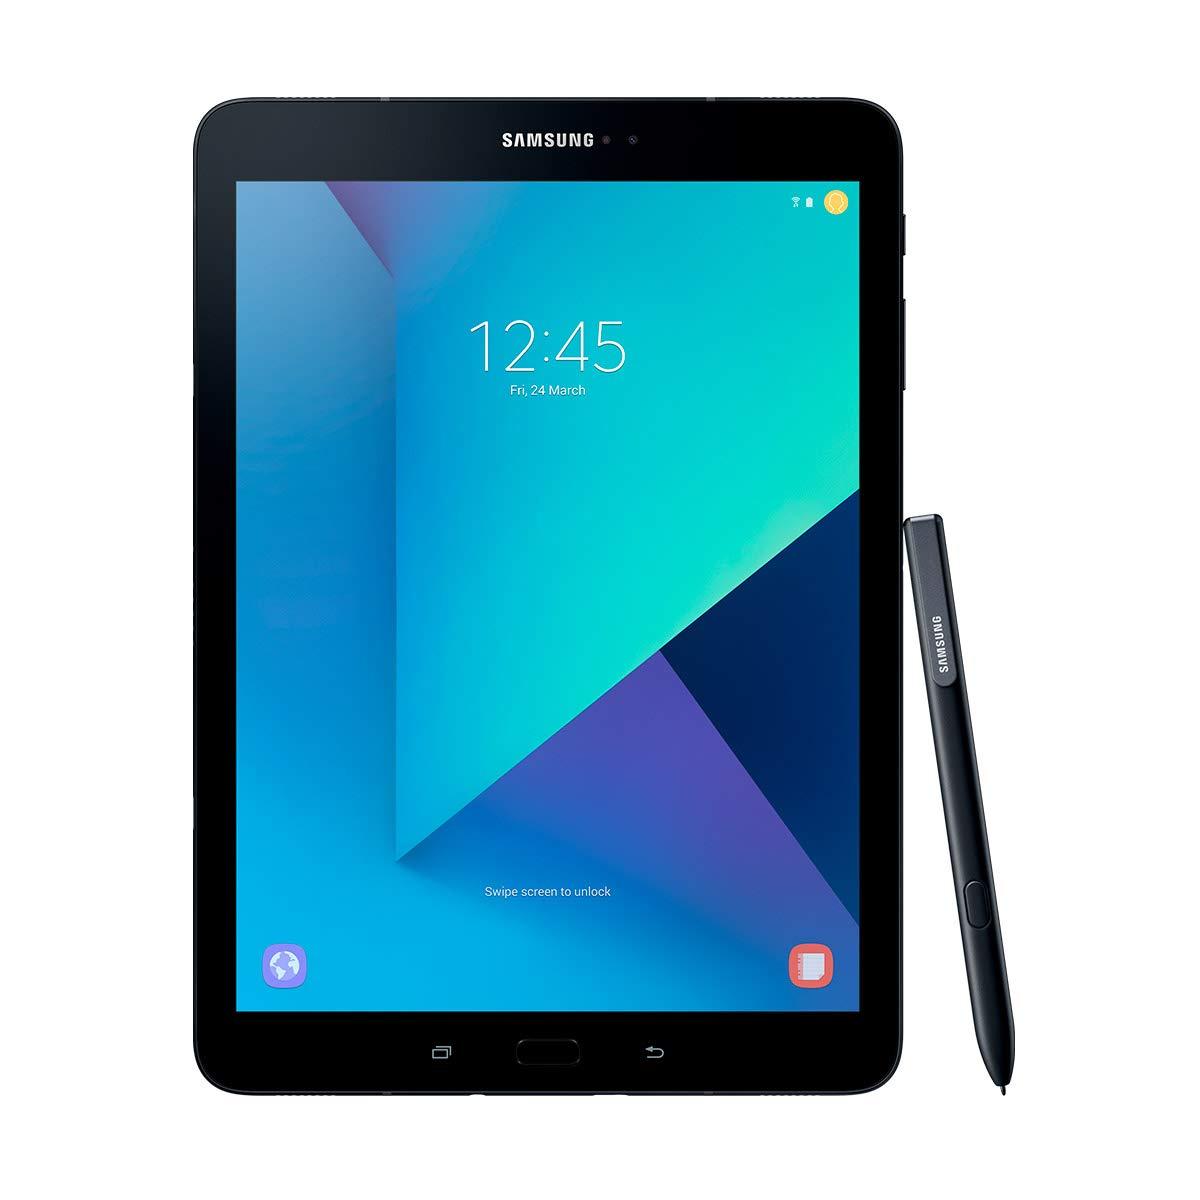 """Samsung Galaxy Tab S3 (Reacondicionado como nuevo)- Tablet de 9.7"""" 2K (WiFi, Procesador Quad-Core Snapdragon 820, 4 GB de RAM, 32 GB"""